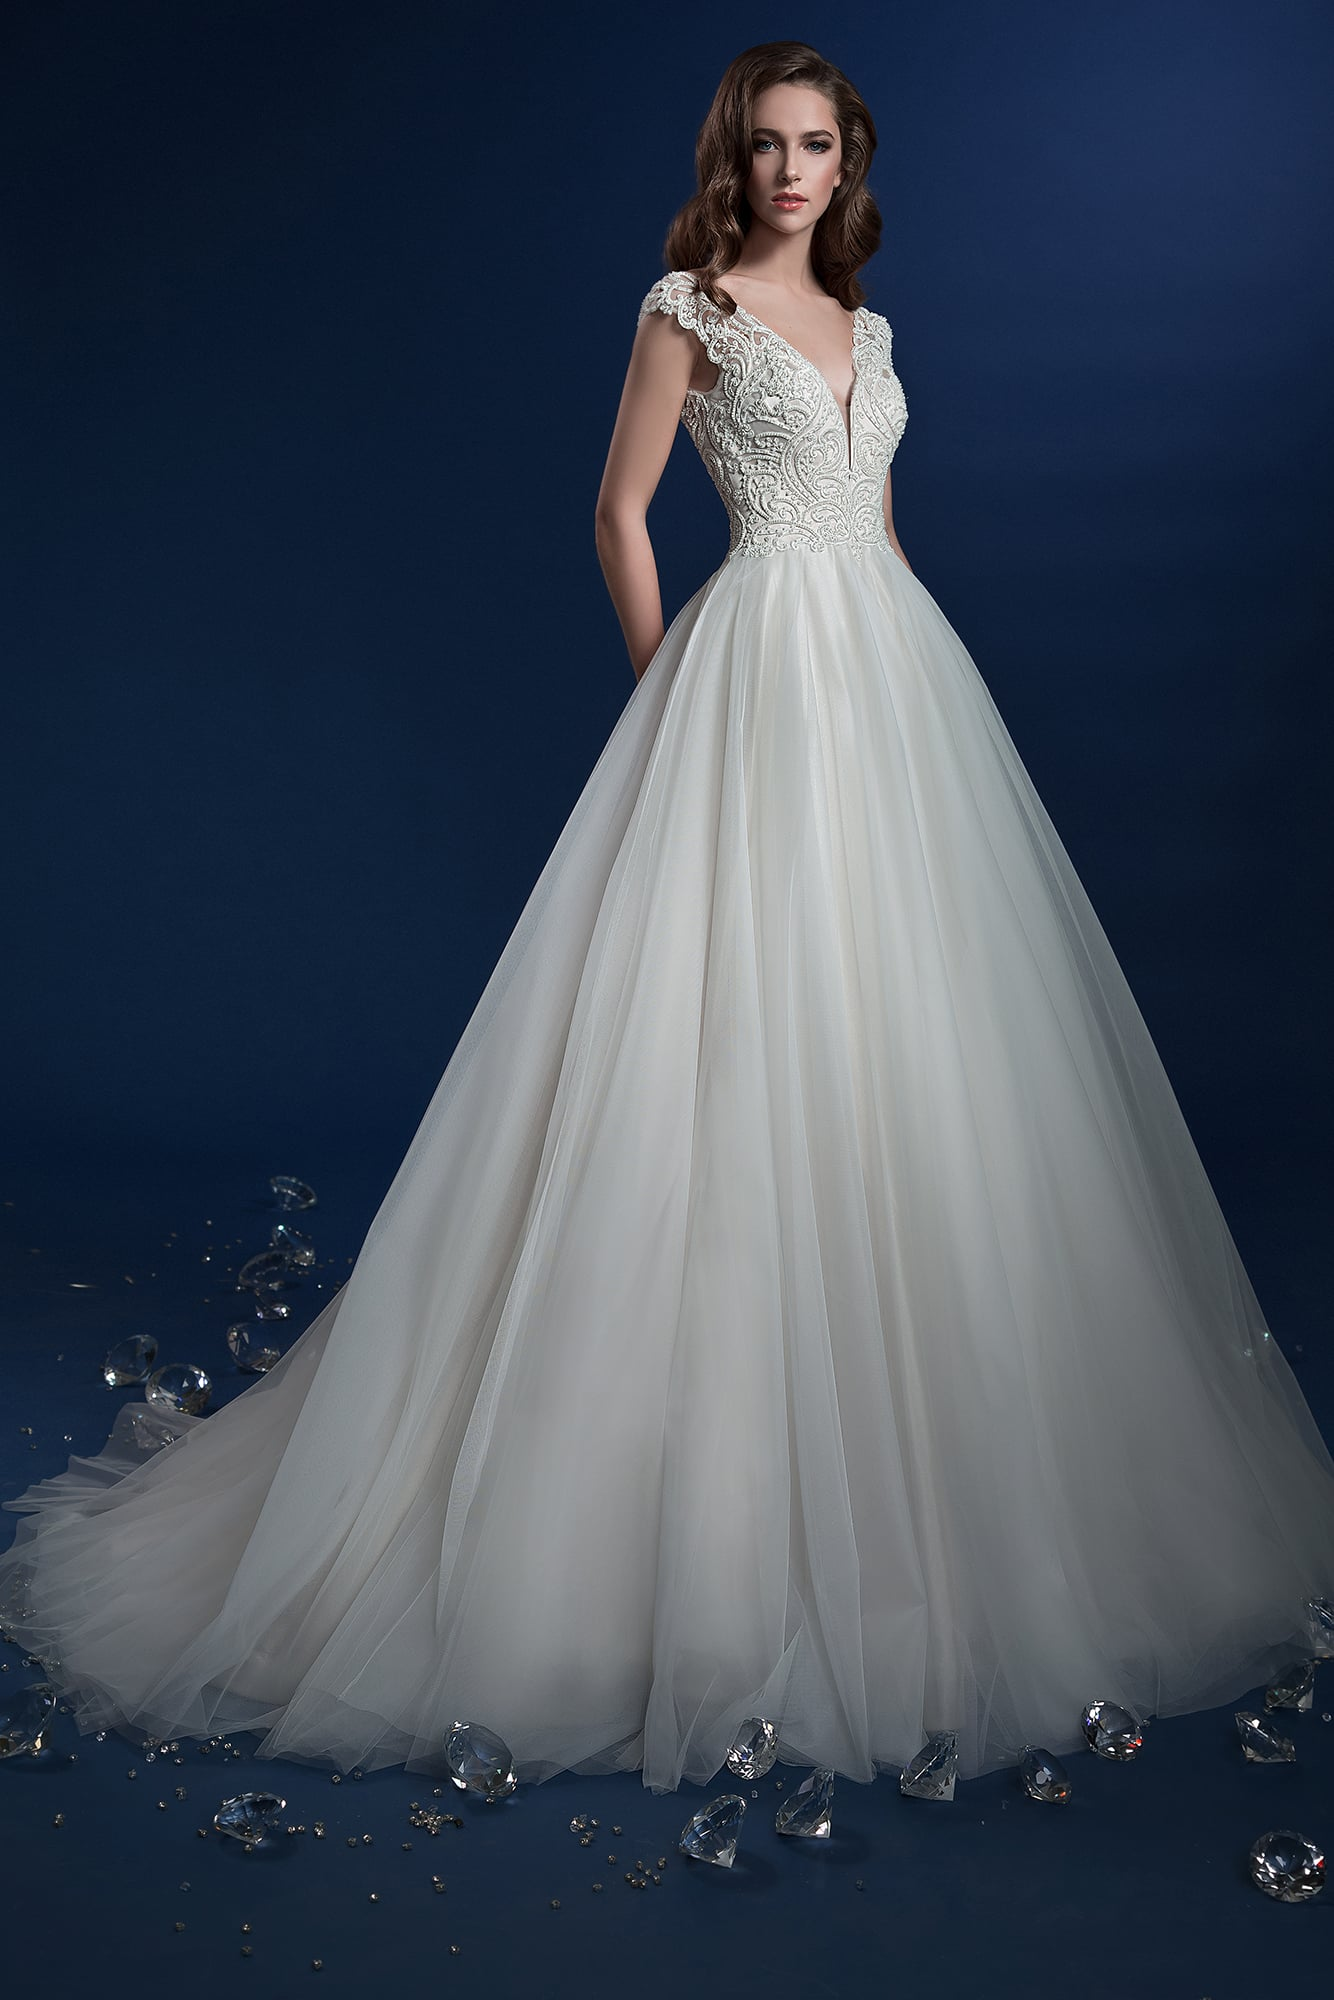 Свадебные платья недорого в москве до 10000